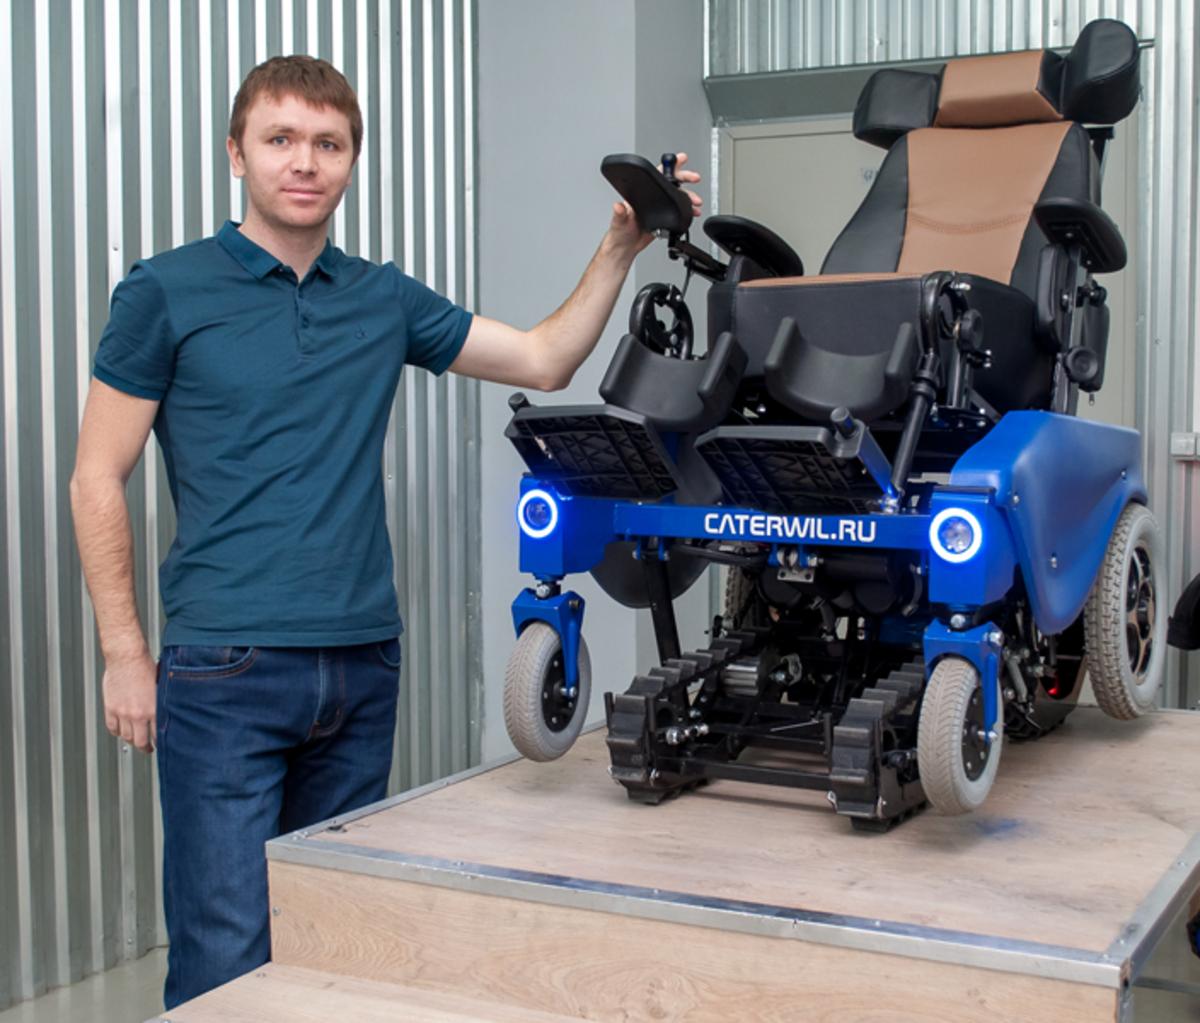 Российский инженер создал инвалидную коляску, управляемую силой мысли